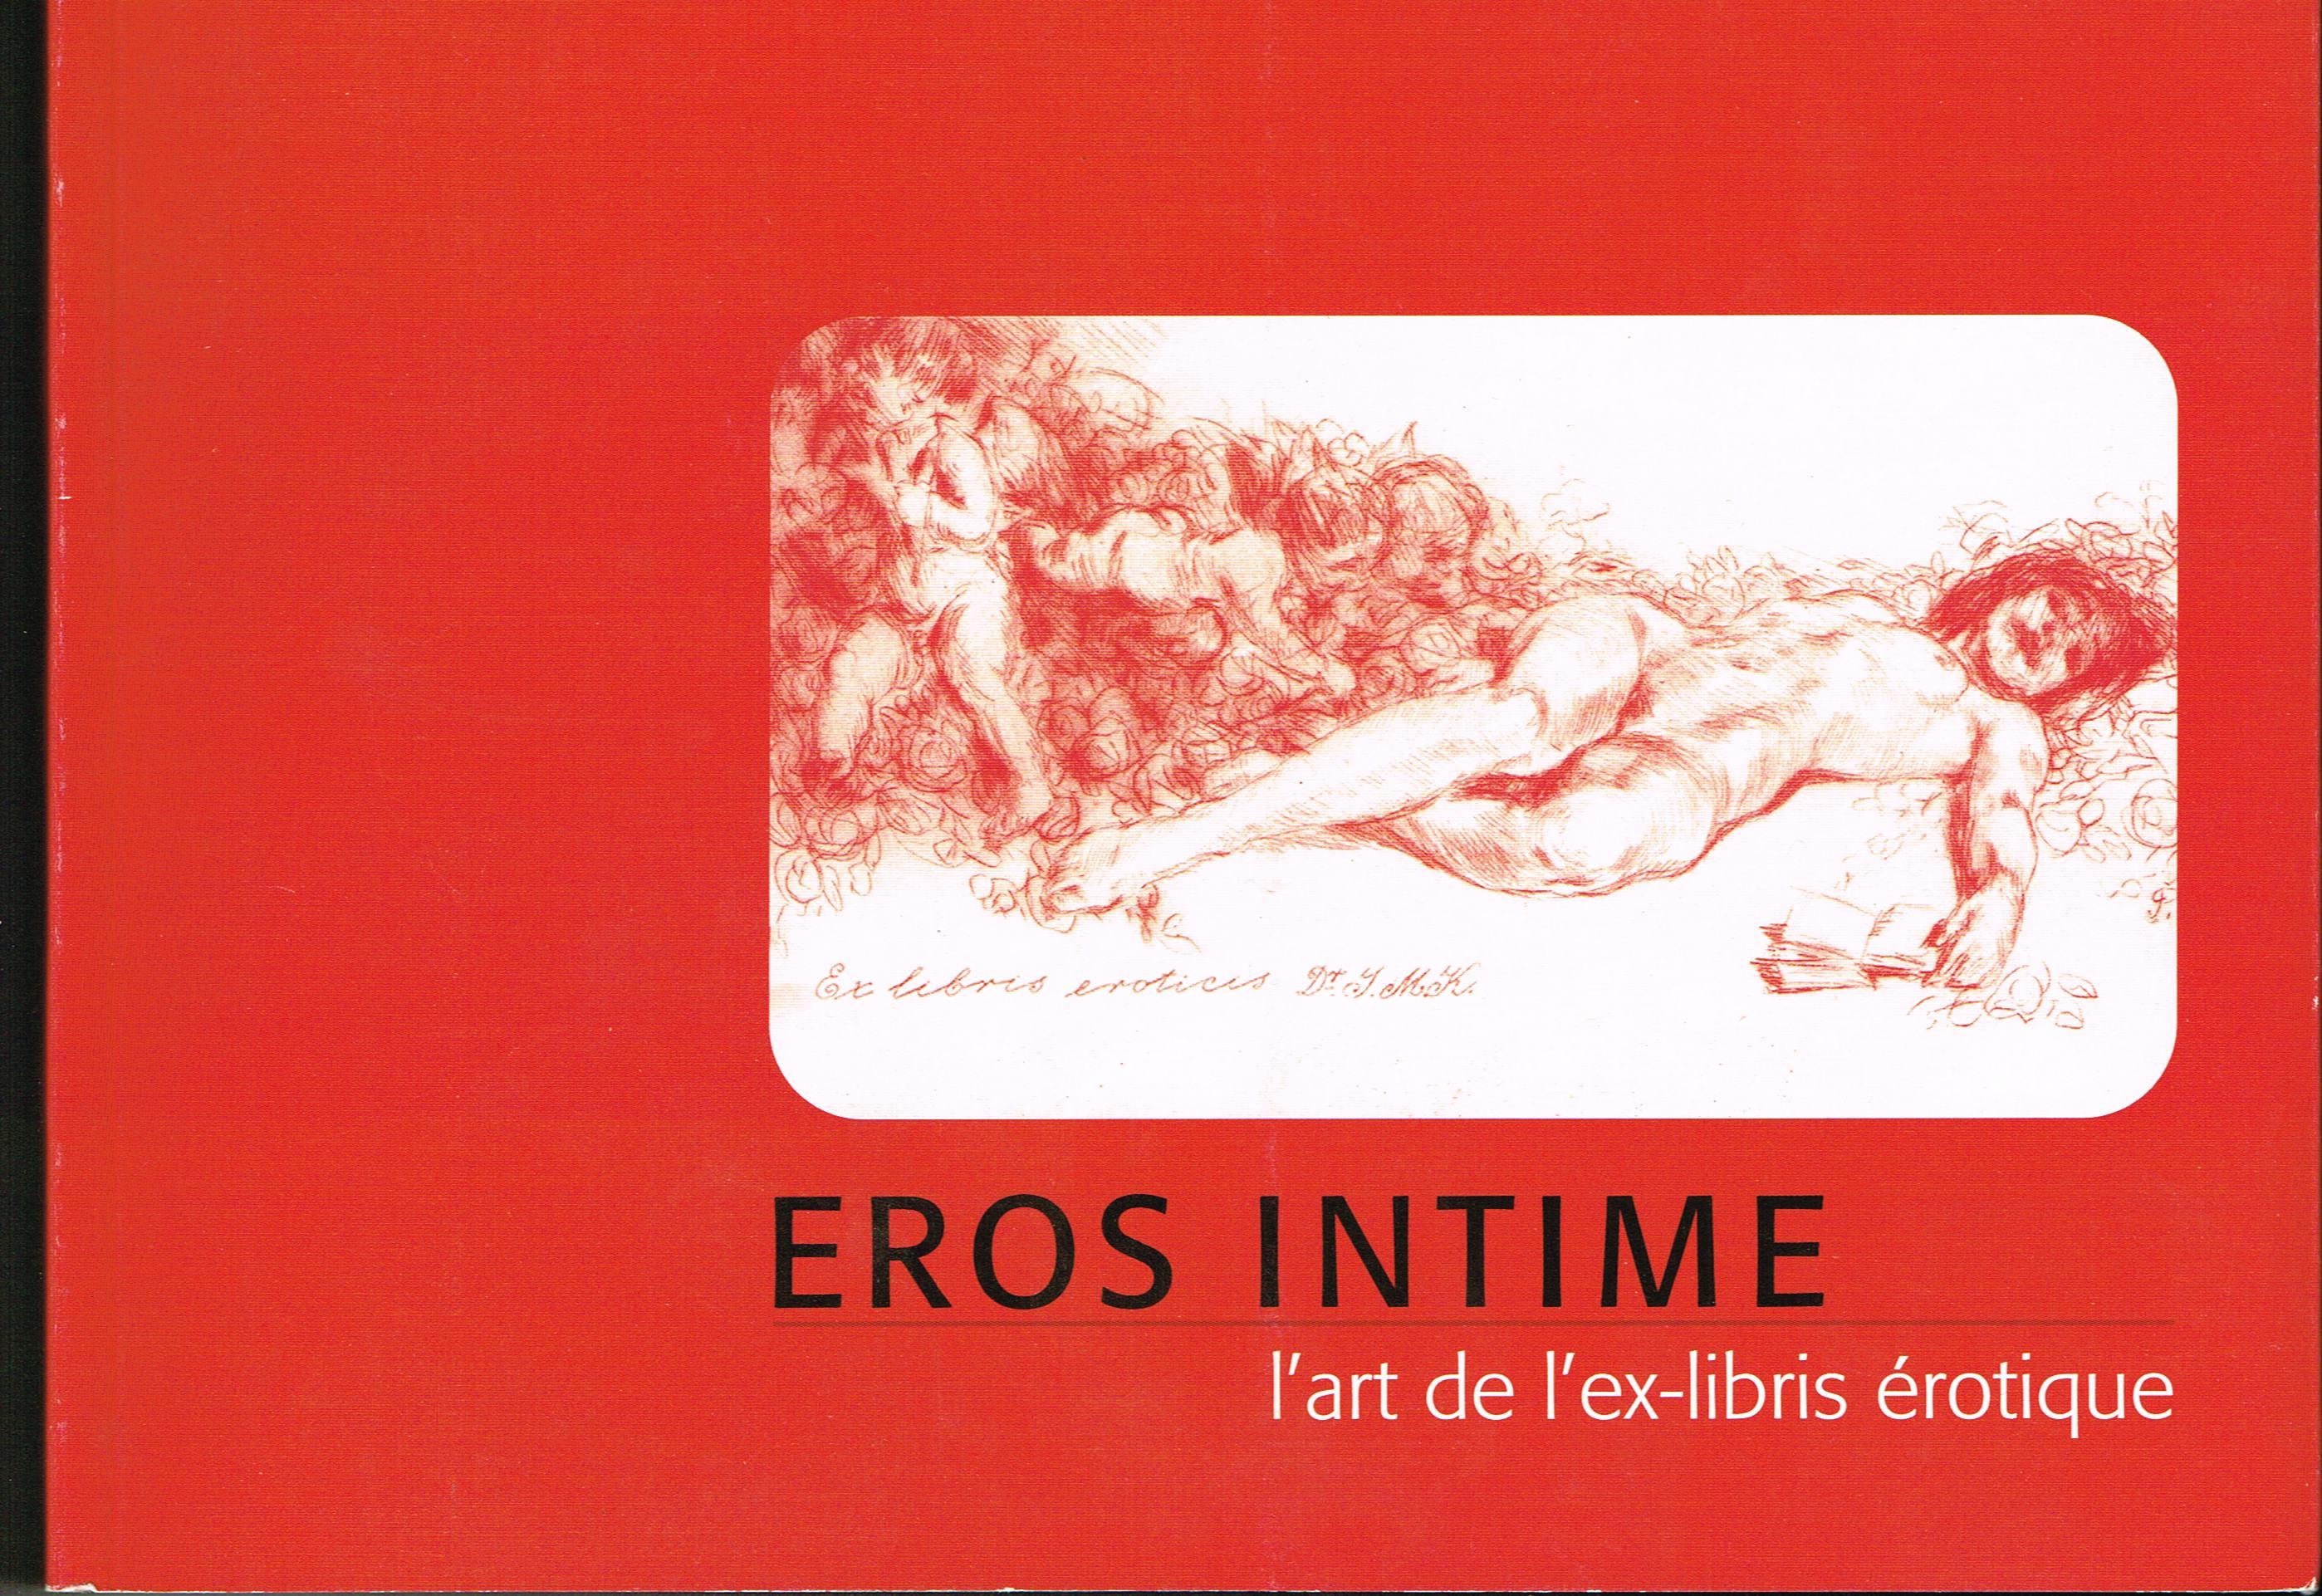 Eros intime